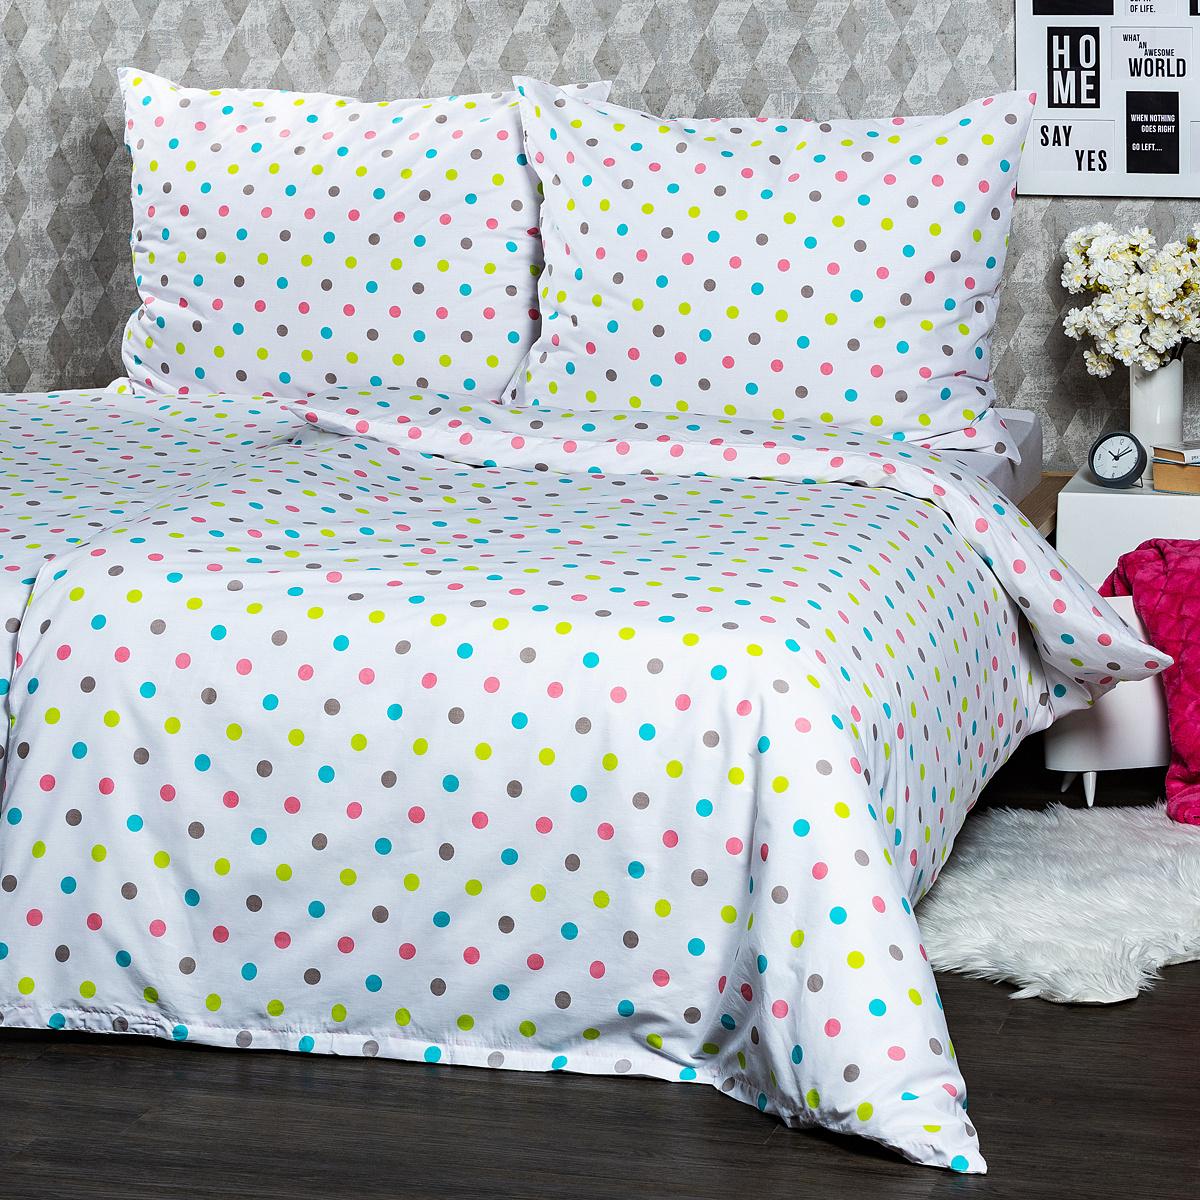 4Home Bavlnené obliečky Dots, 140 x 220 cm, 70 x 90 cm